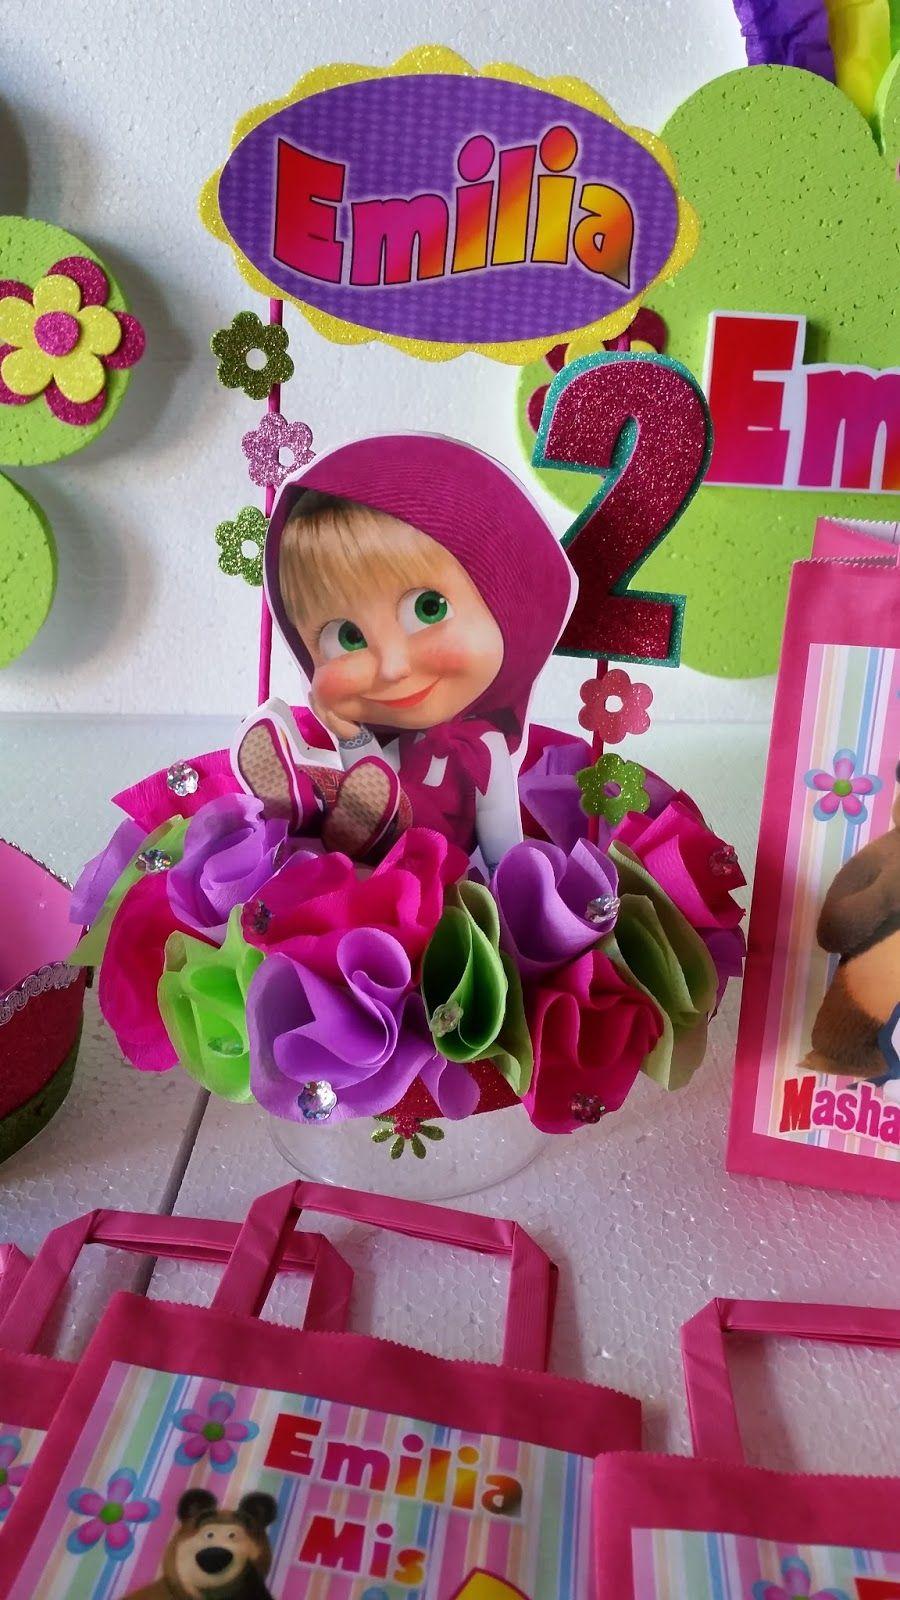 Decoraciones infantiles masha y el oso gabby 39 s for Decoracion de pinatas infantiles